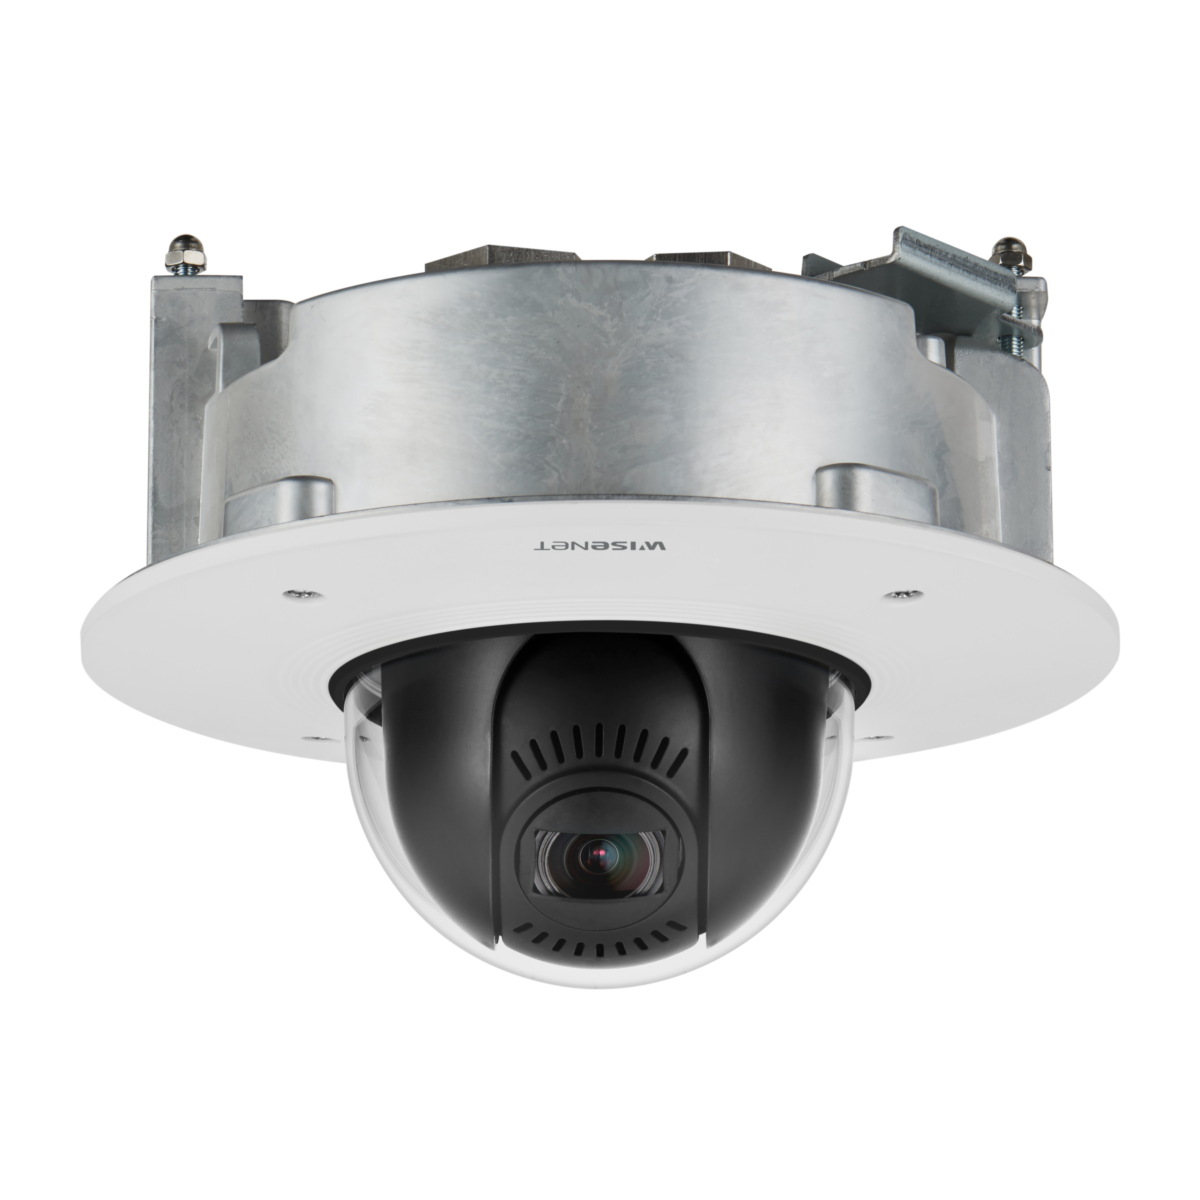 Купольная IP-камера Wisenet Wisenet XND-8081FZ